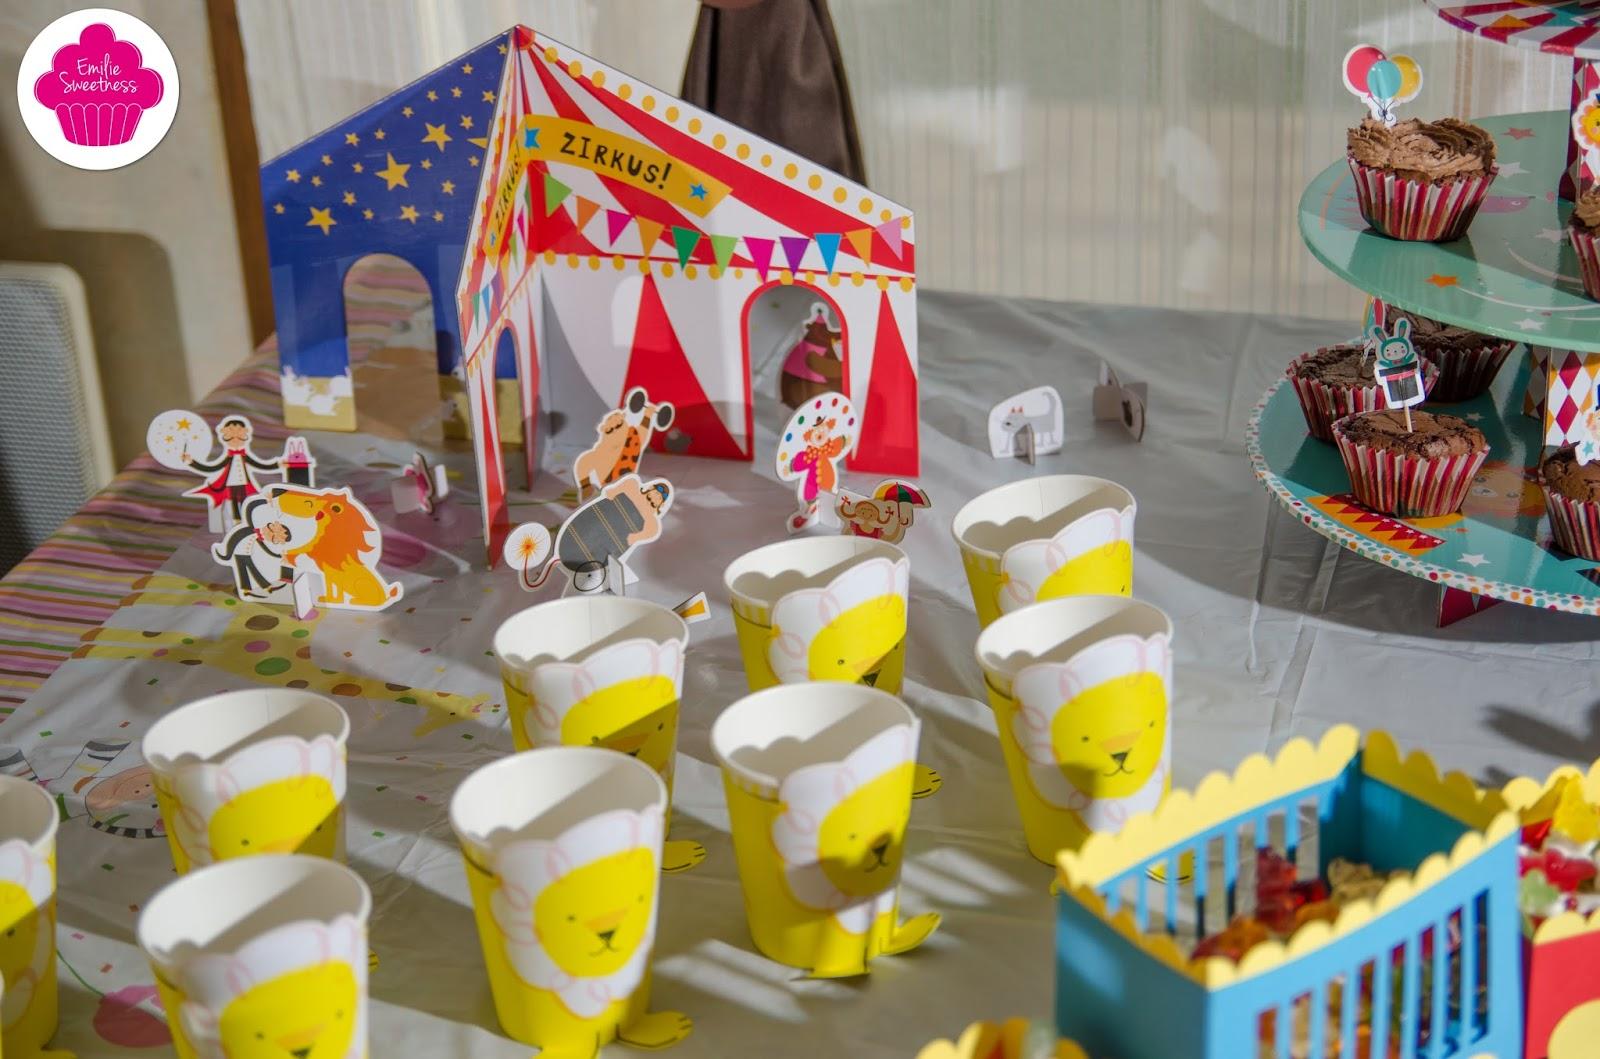 Charming Theme Anniversaire 2 Ans #9: Décoration Et Gâteau Du0027anniversaire 2 Ans - Thème Cirque Avec Les Recettes